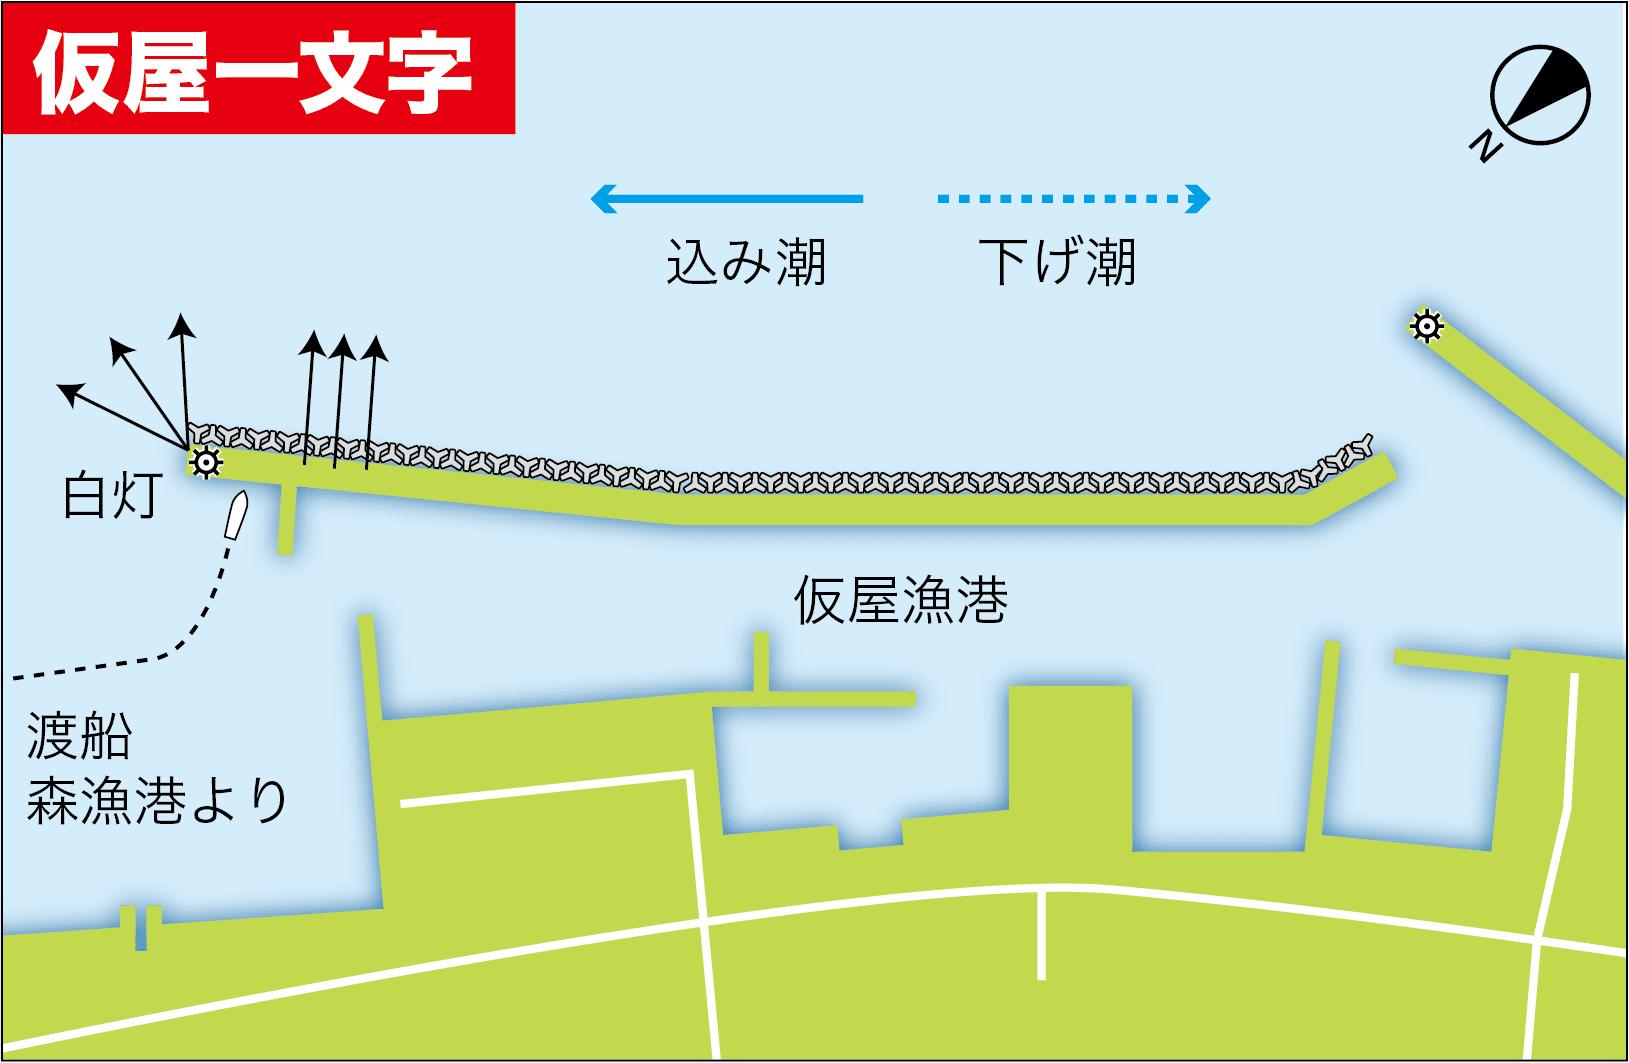 神明〜淡路島投げ釣りカレイ11